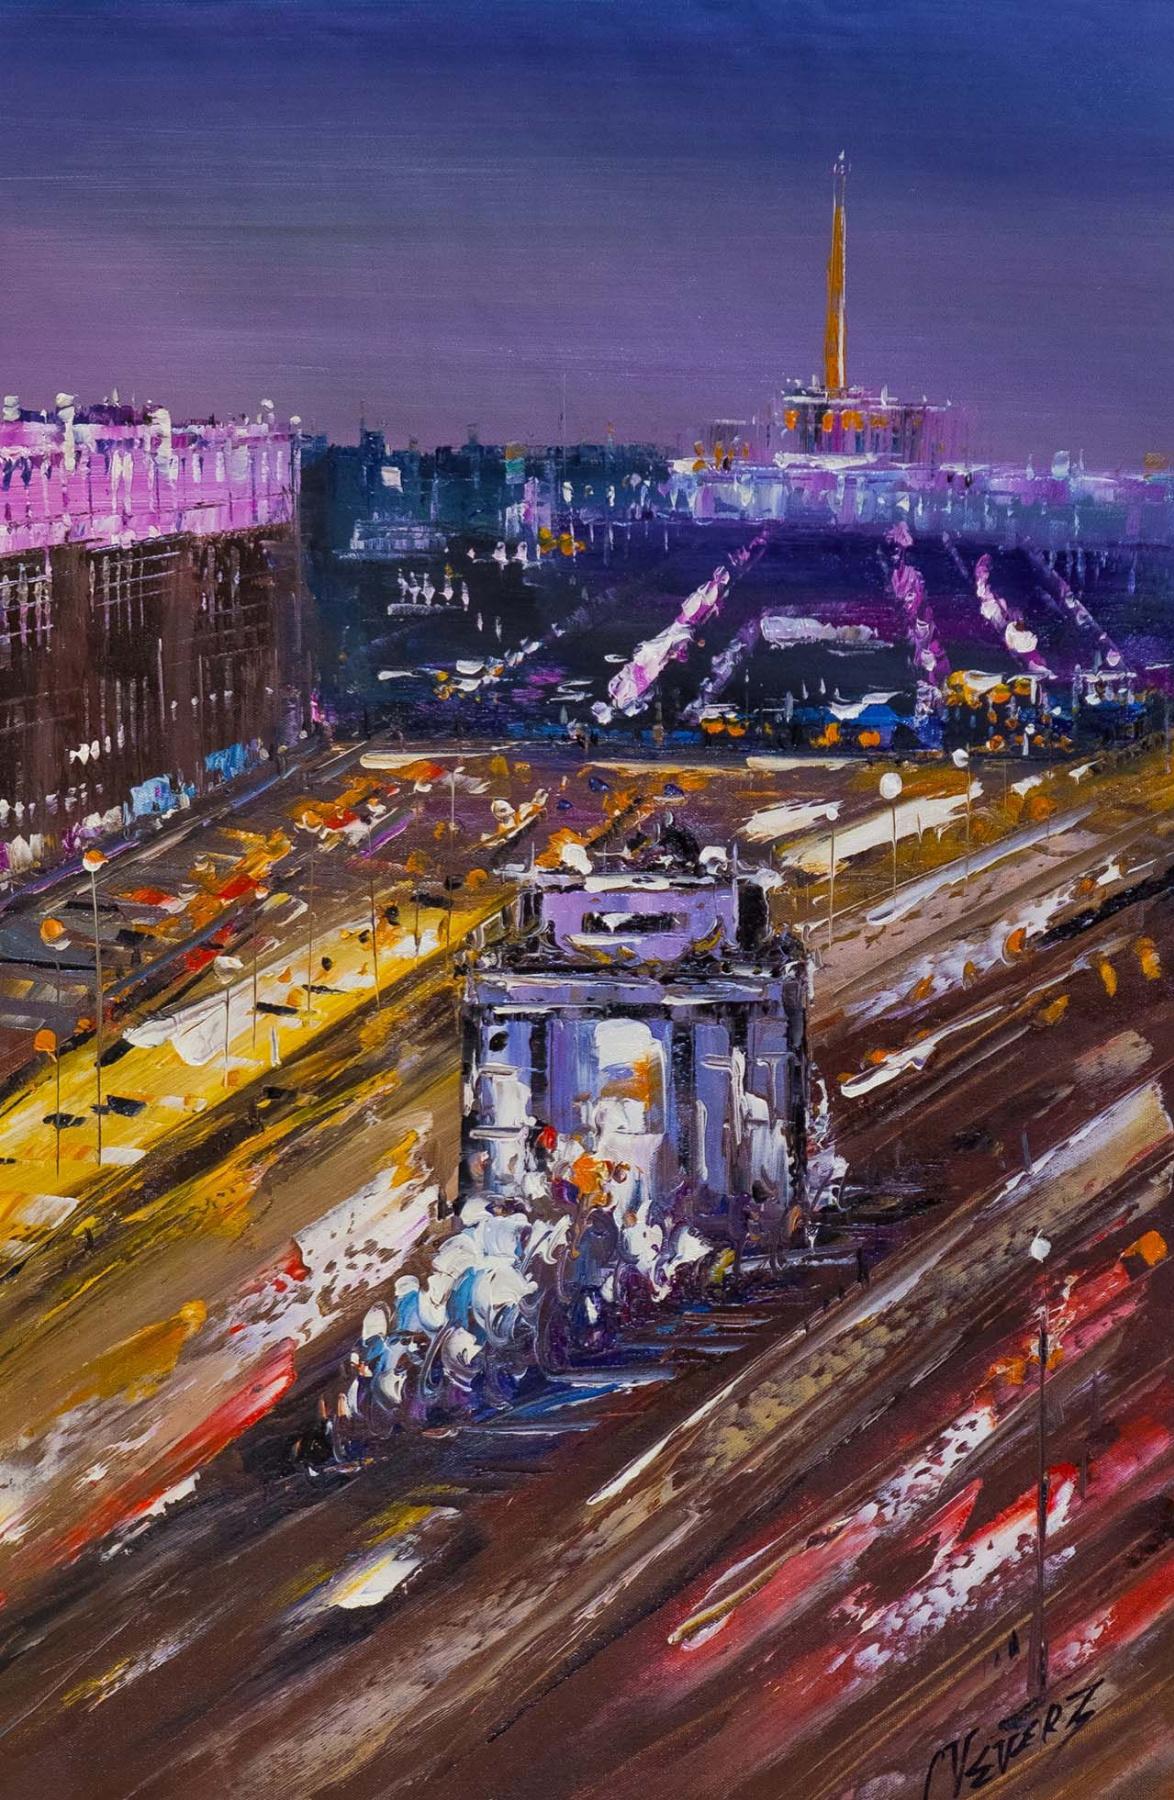 (no name). Bird's eye view of the Arc de Triomphe